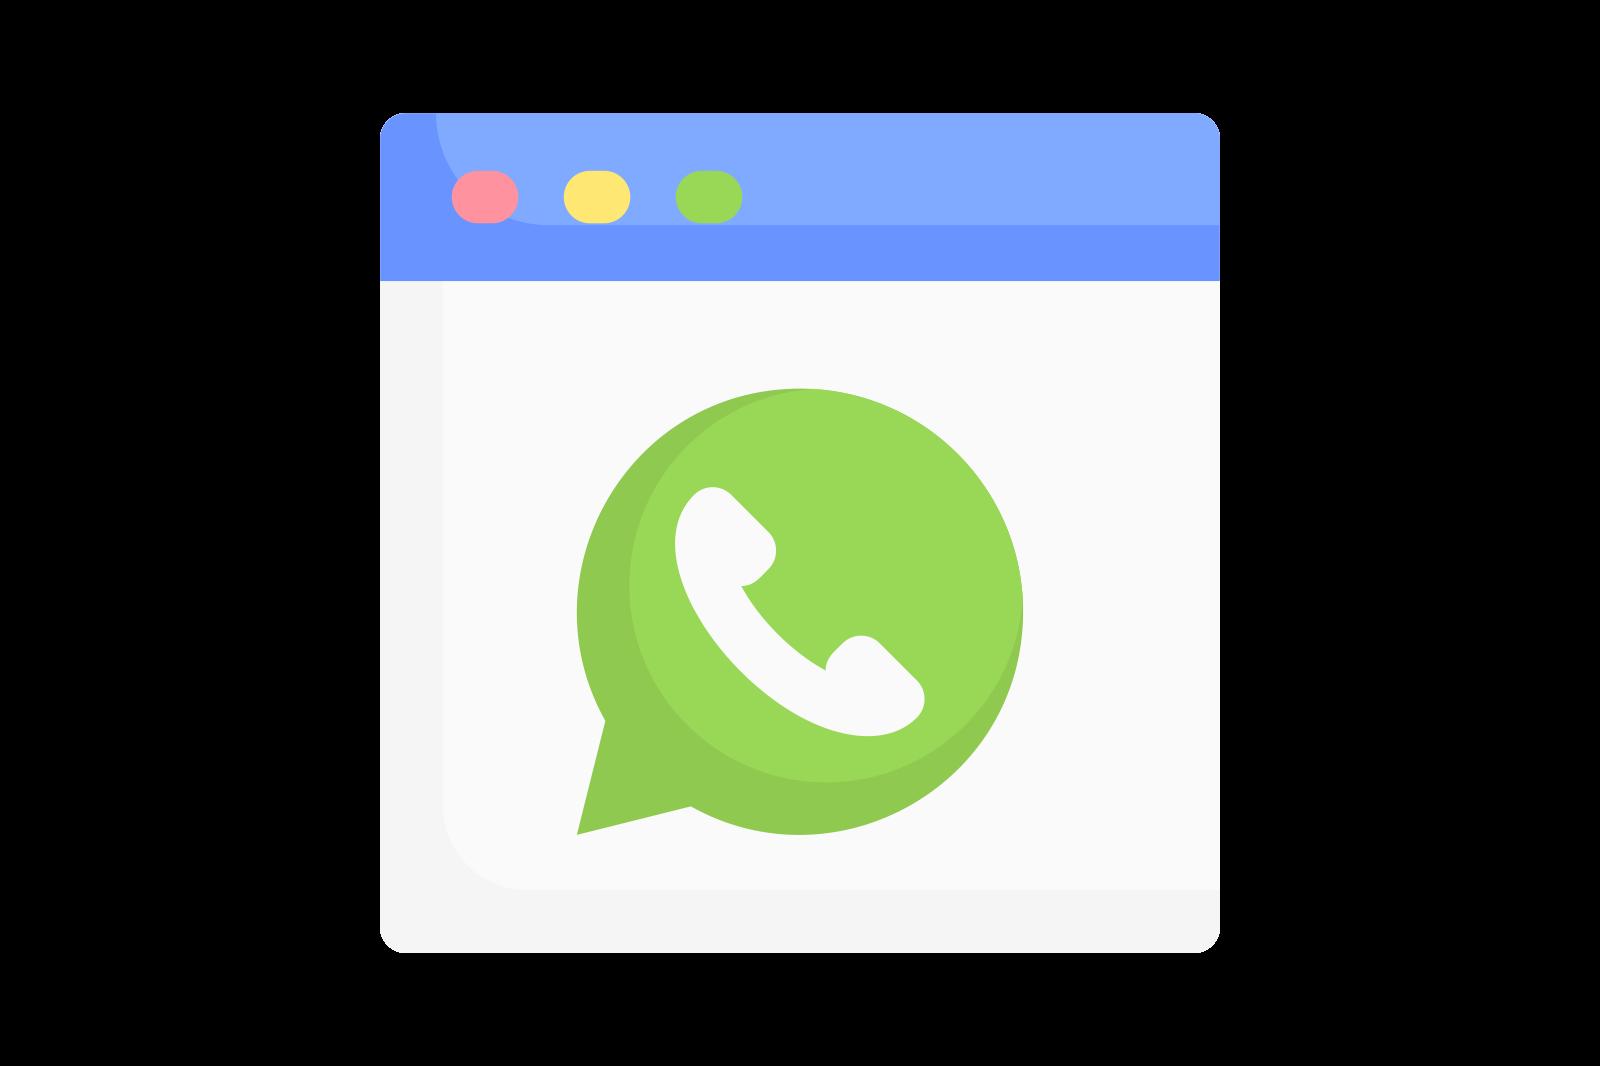 Delivery personalizado integrado com Whatsapp